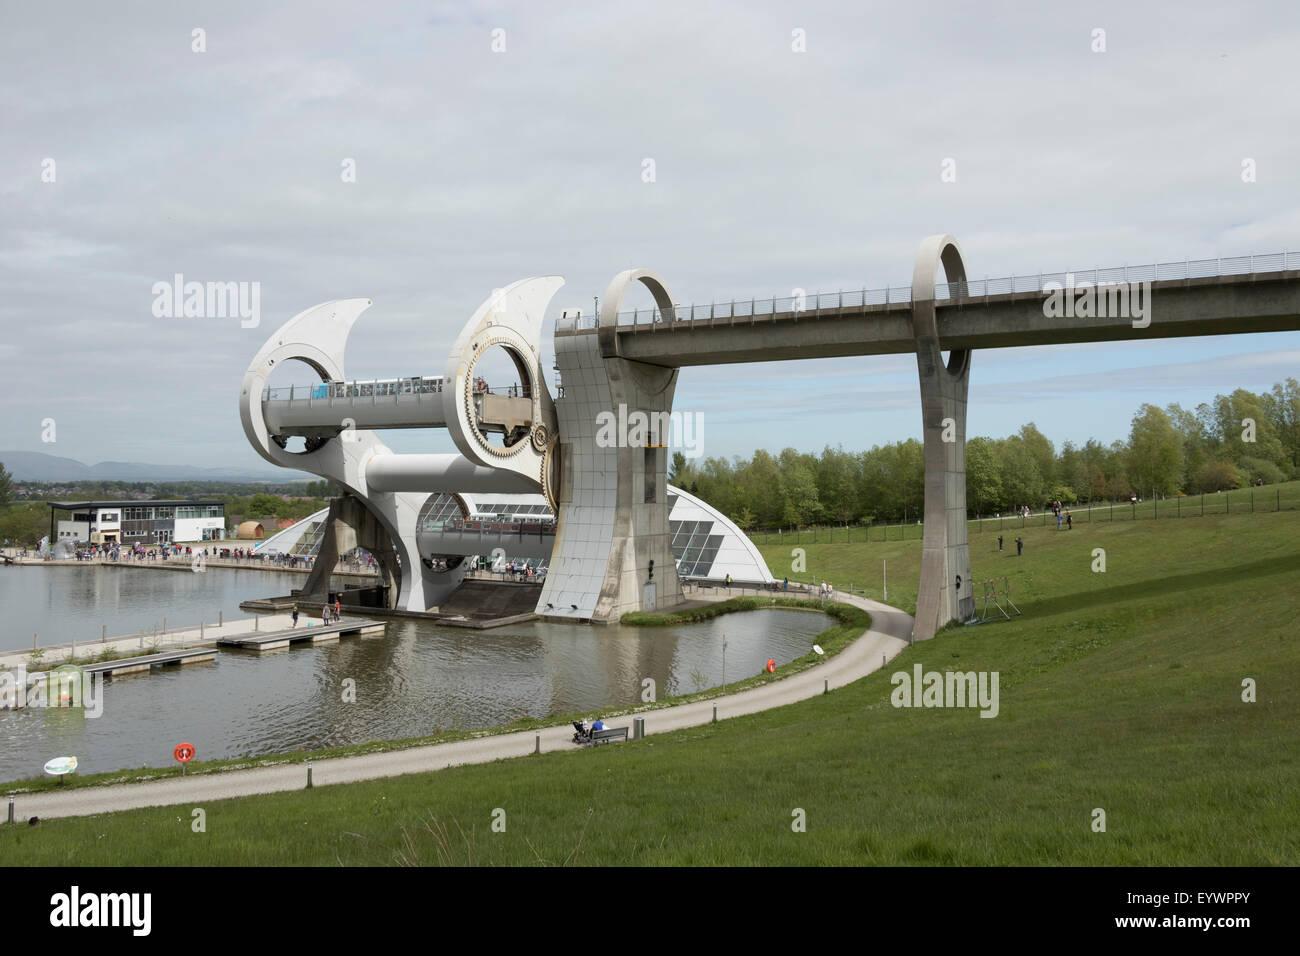 The Falkirk Wheel operating, Falkirk, Scotland, United Kingdom, Europe - Stock Image